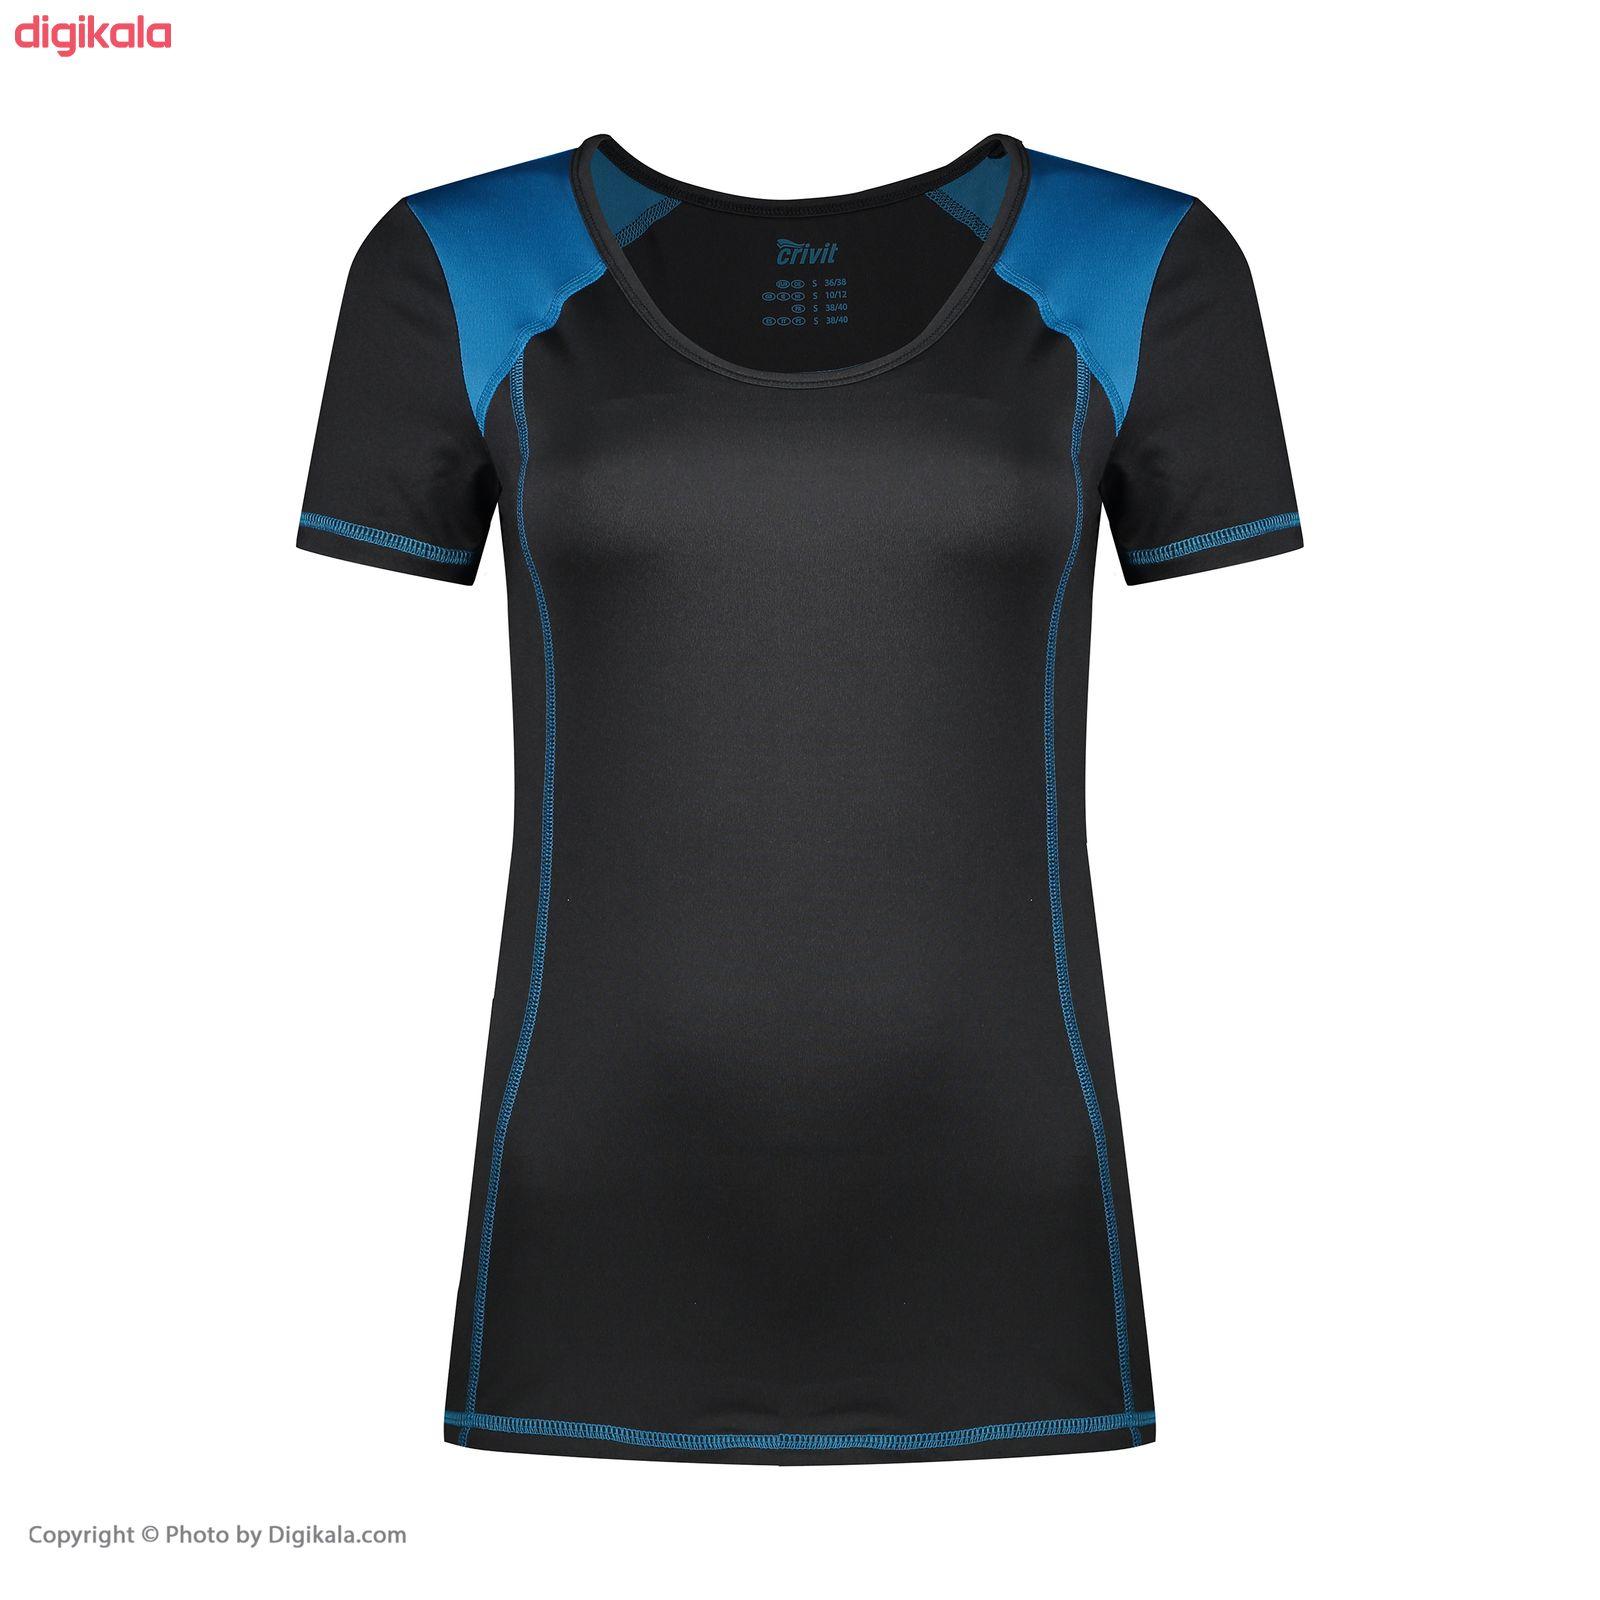 تی شرت ورزشی زنانه  کد k200 main 1 3